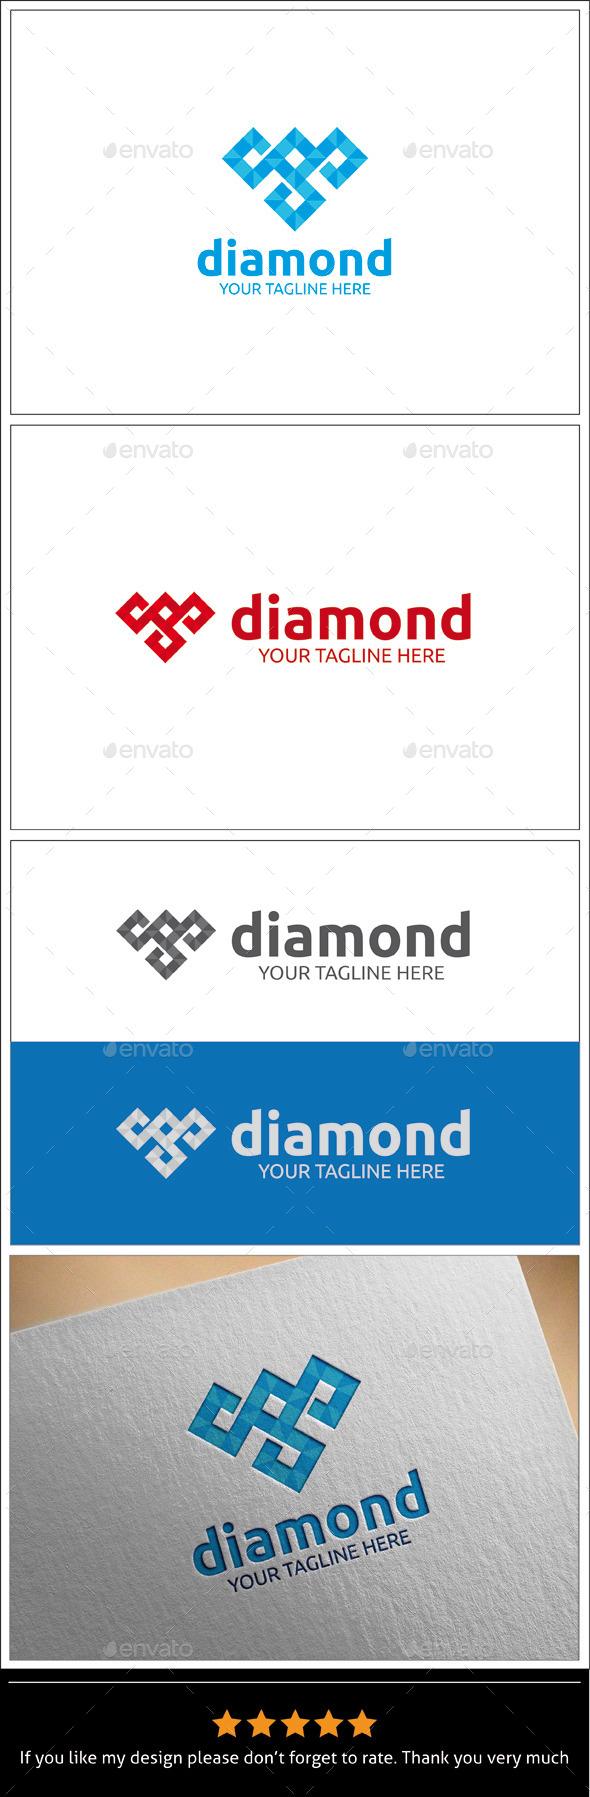 GraphicRiver Diamond v2 Logo Template 9940244